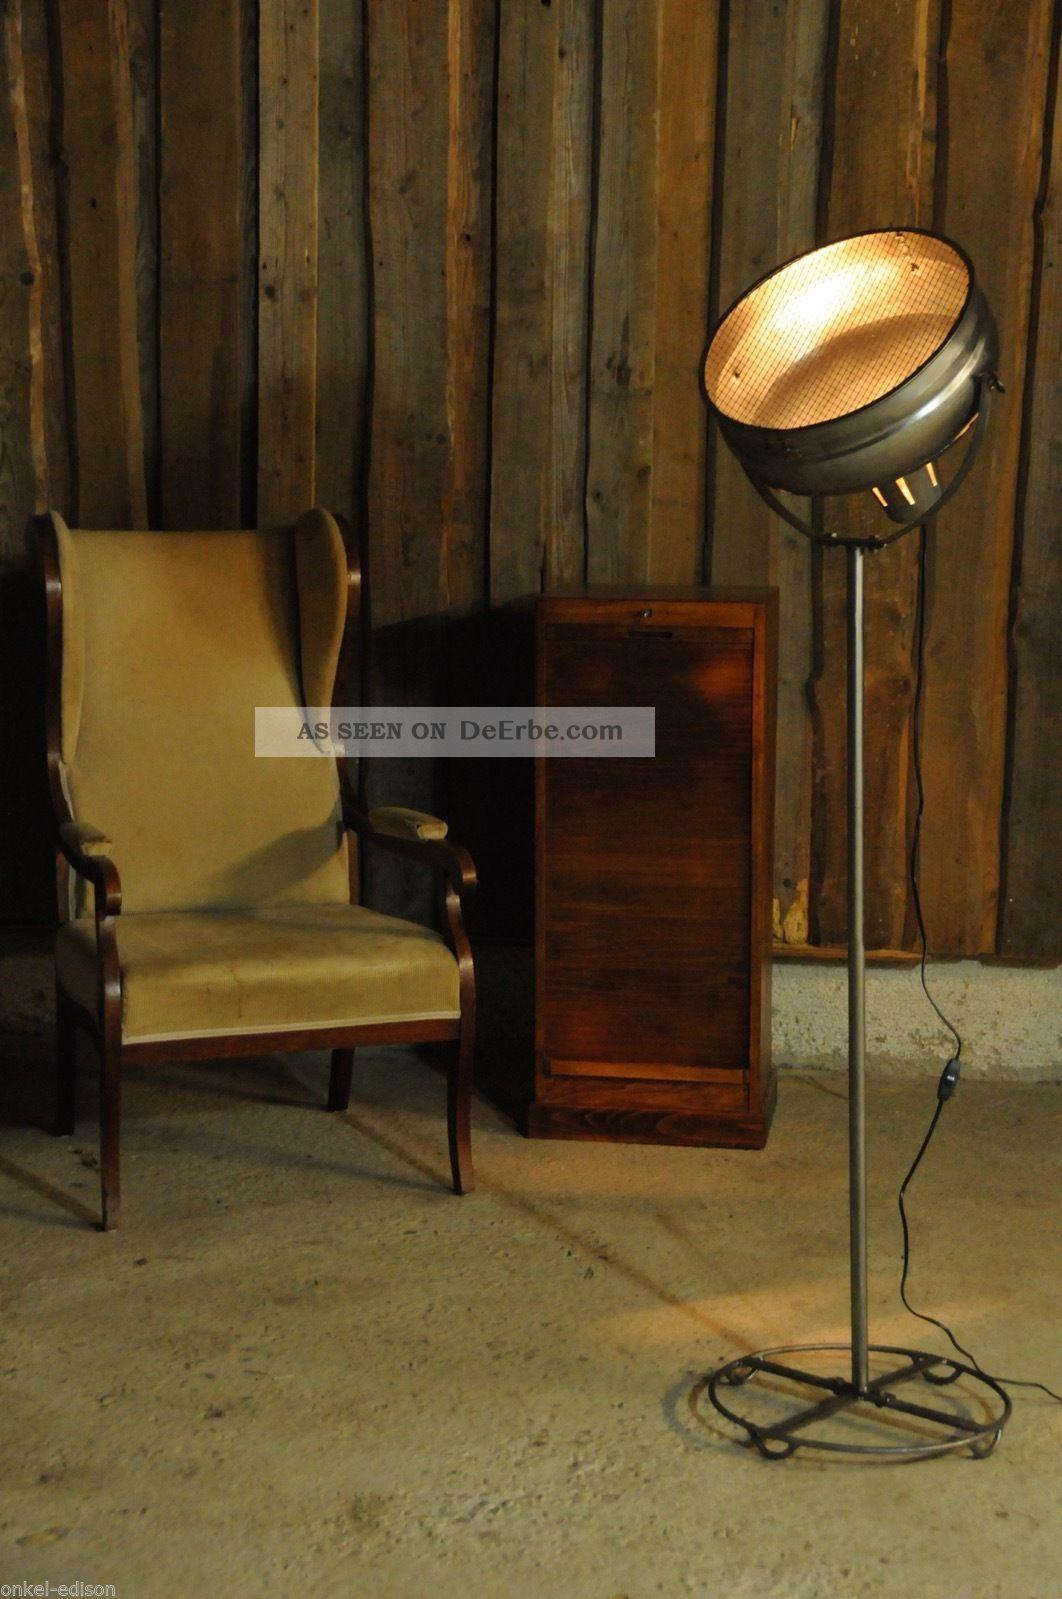 Stehlampe Industriedesign Schwarz Caseconrad Com